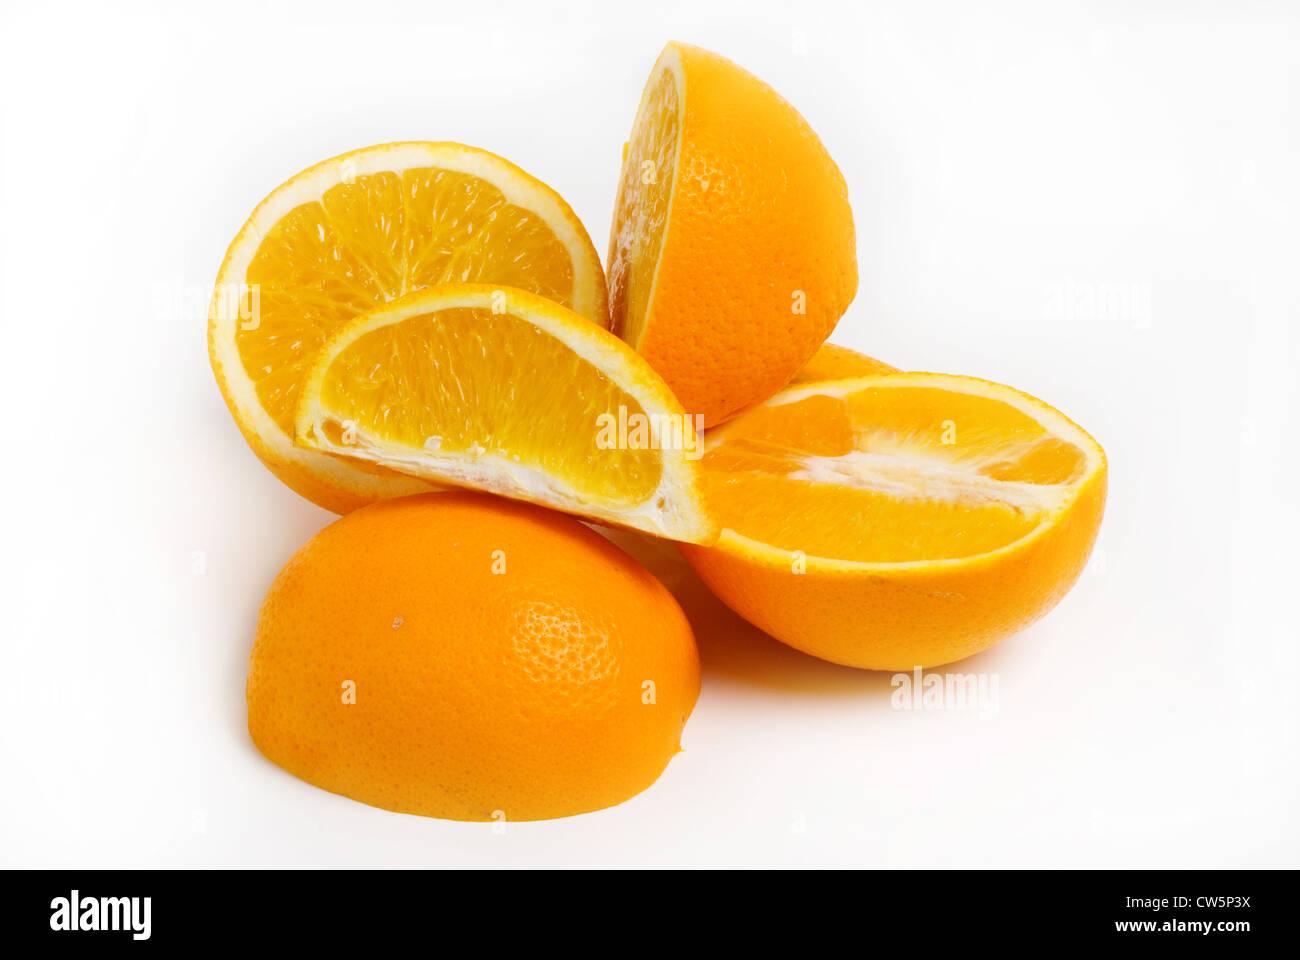 Oranges sliced on white background - Stock Image